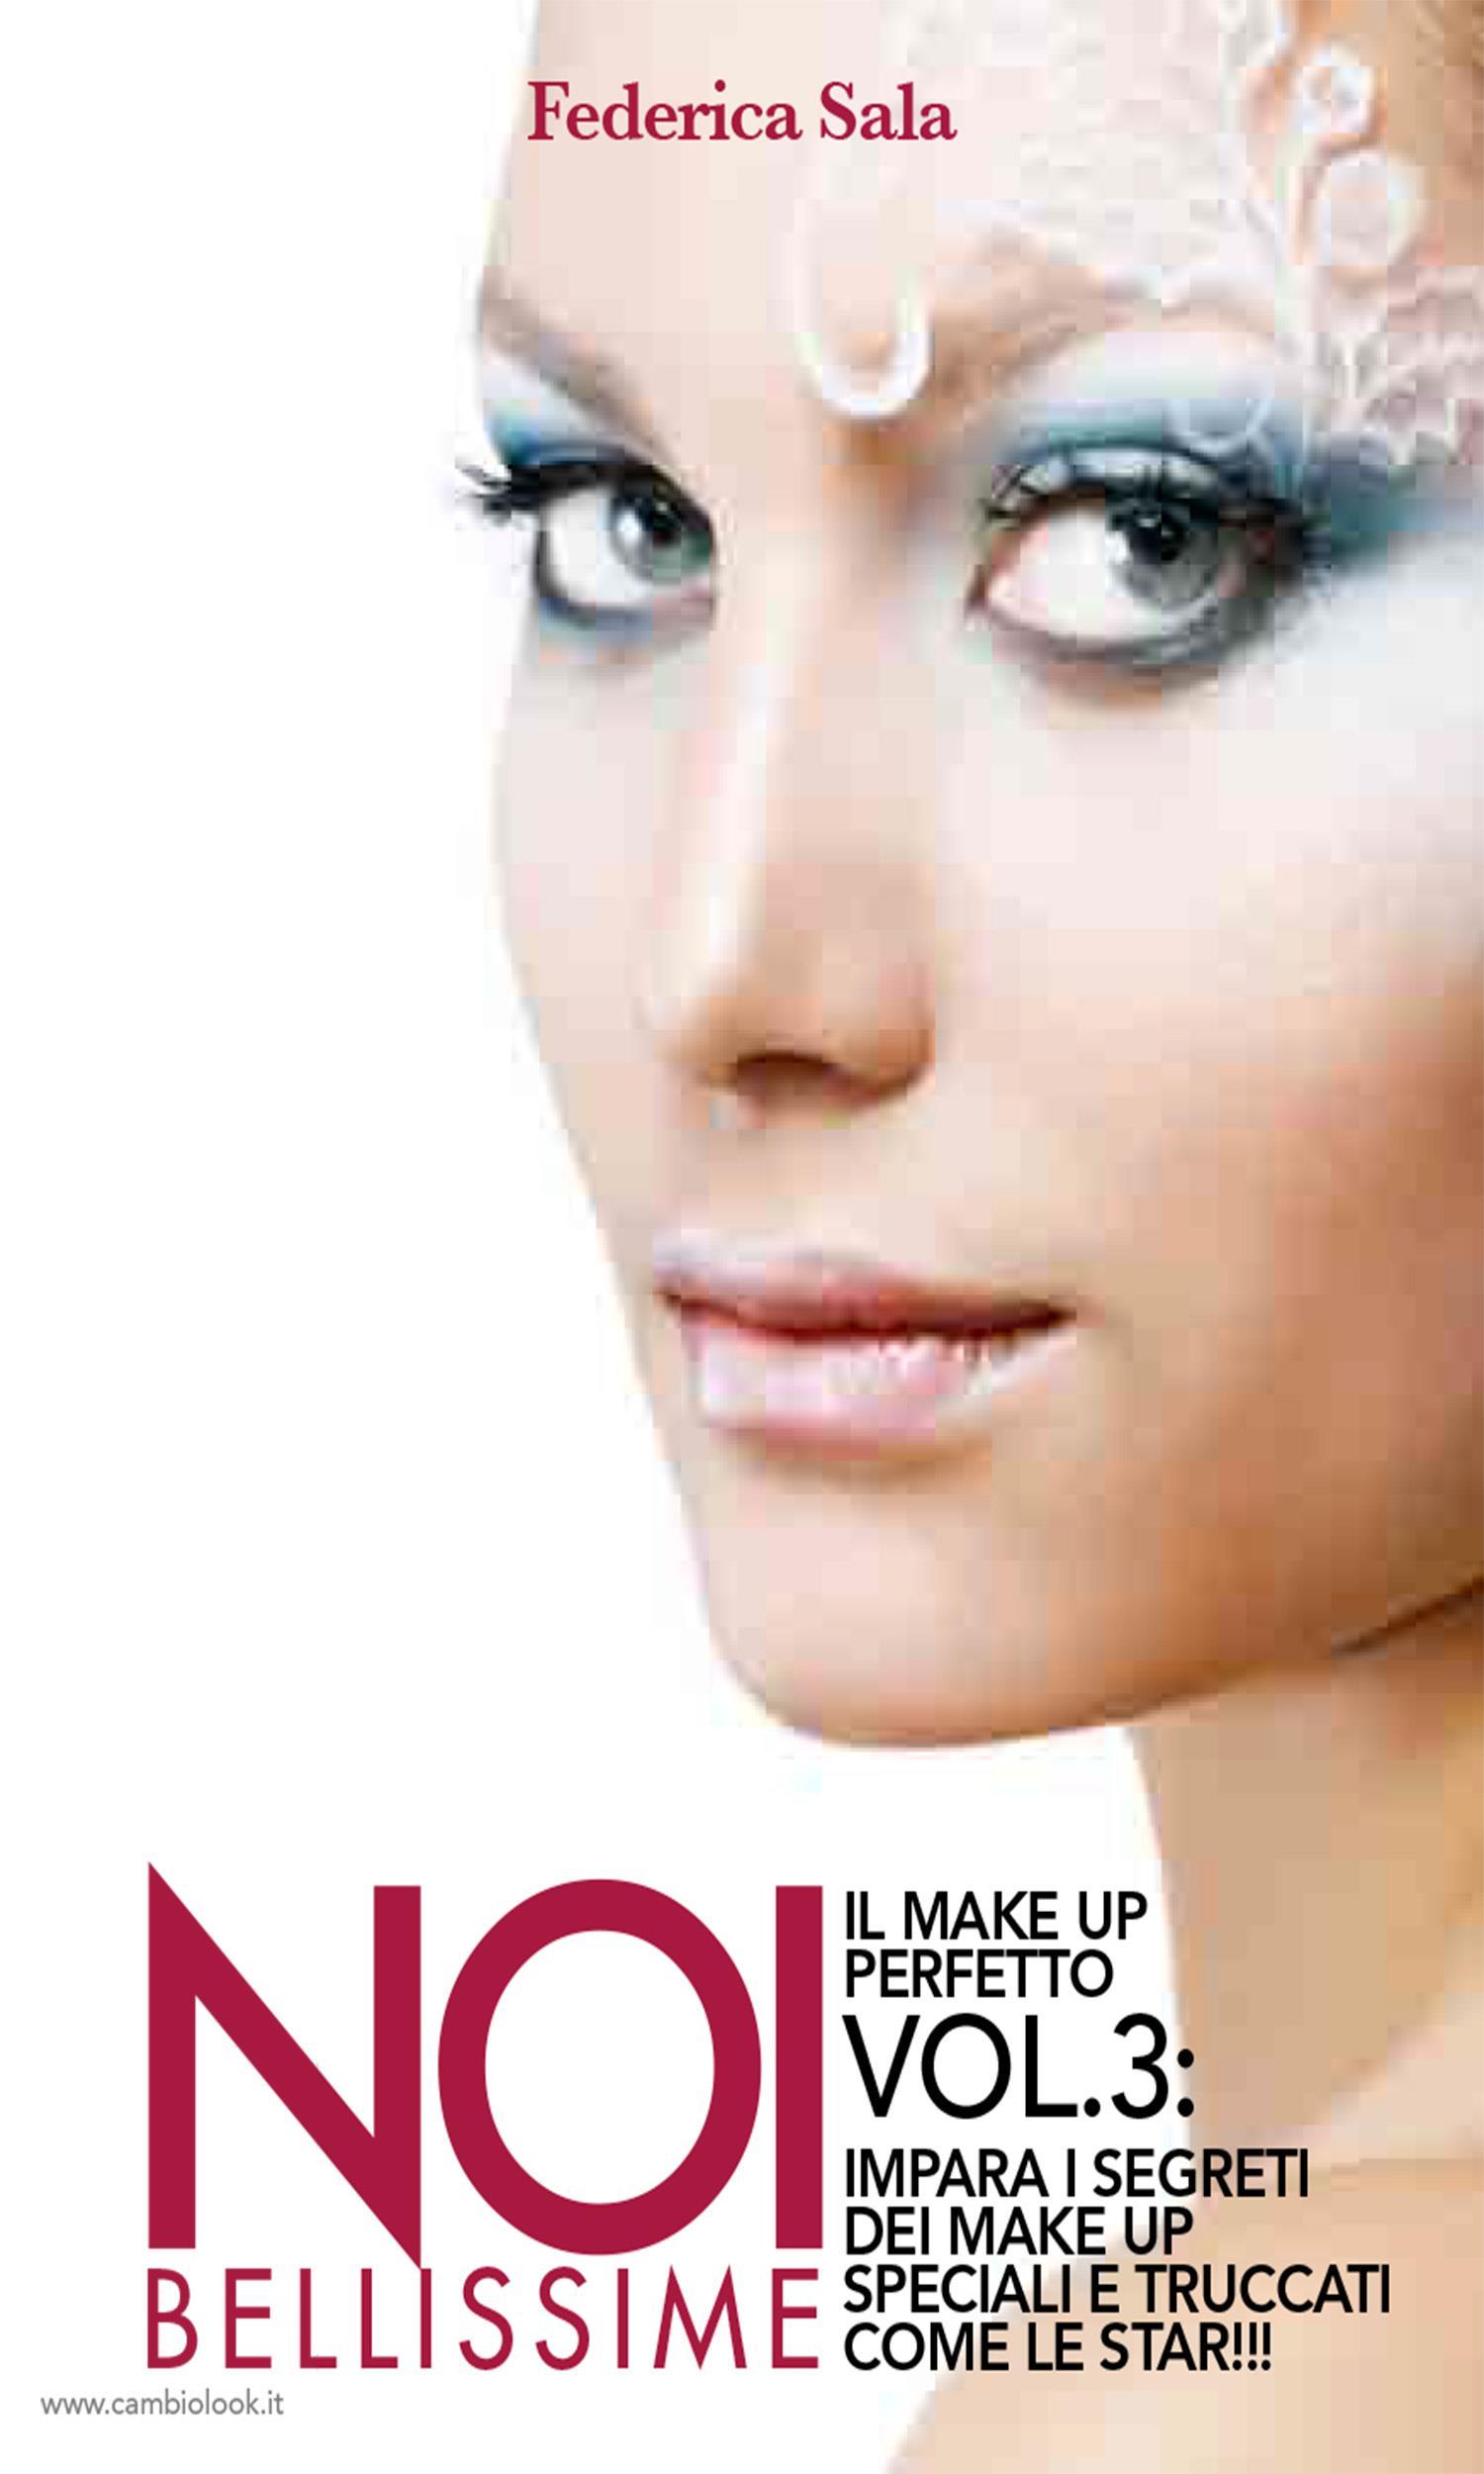 Noi bellissime - Il make up perfetto - Vol. 3